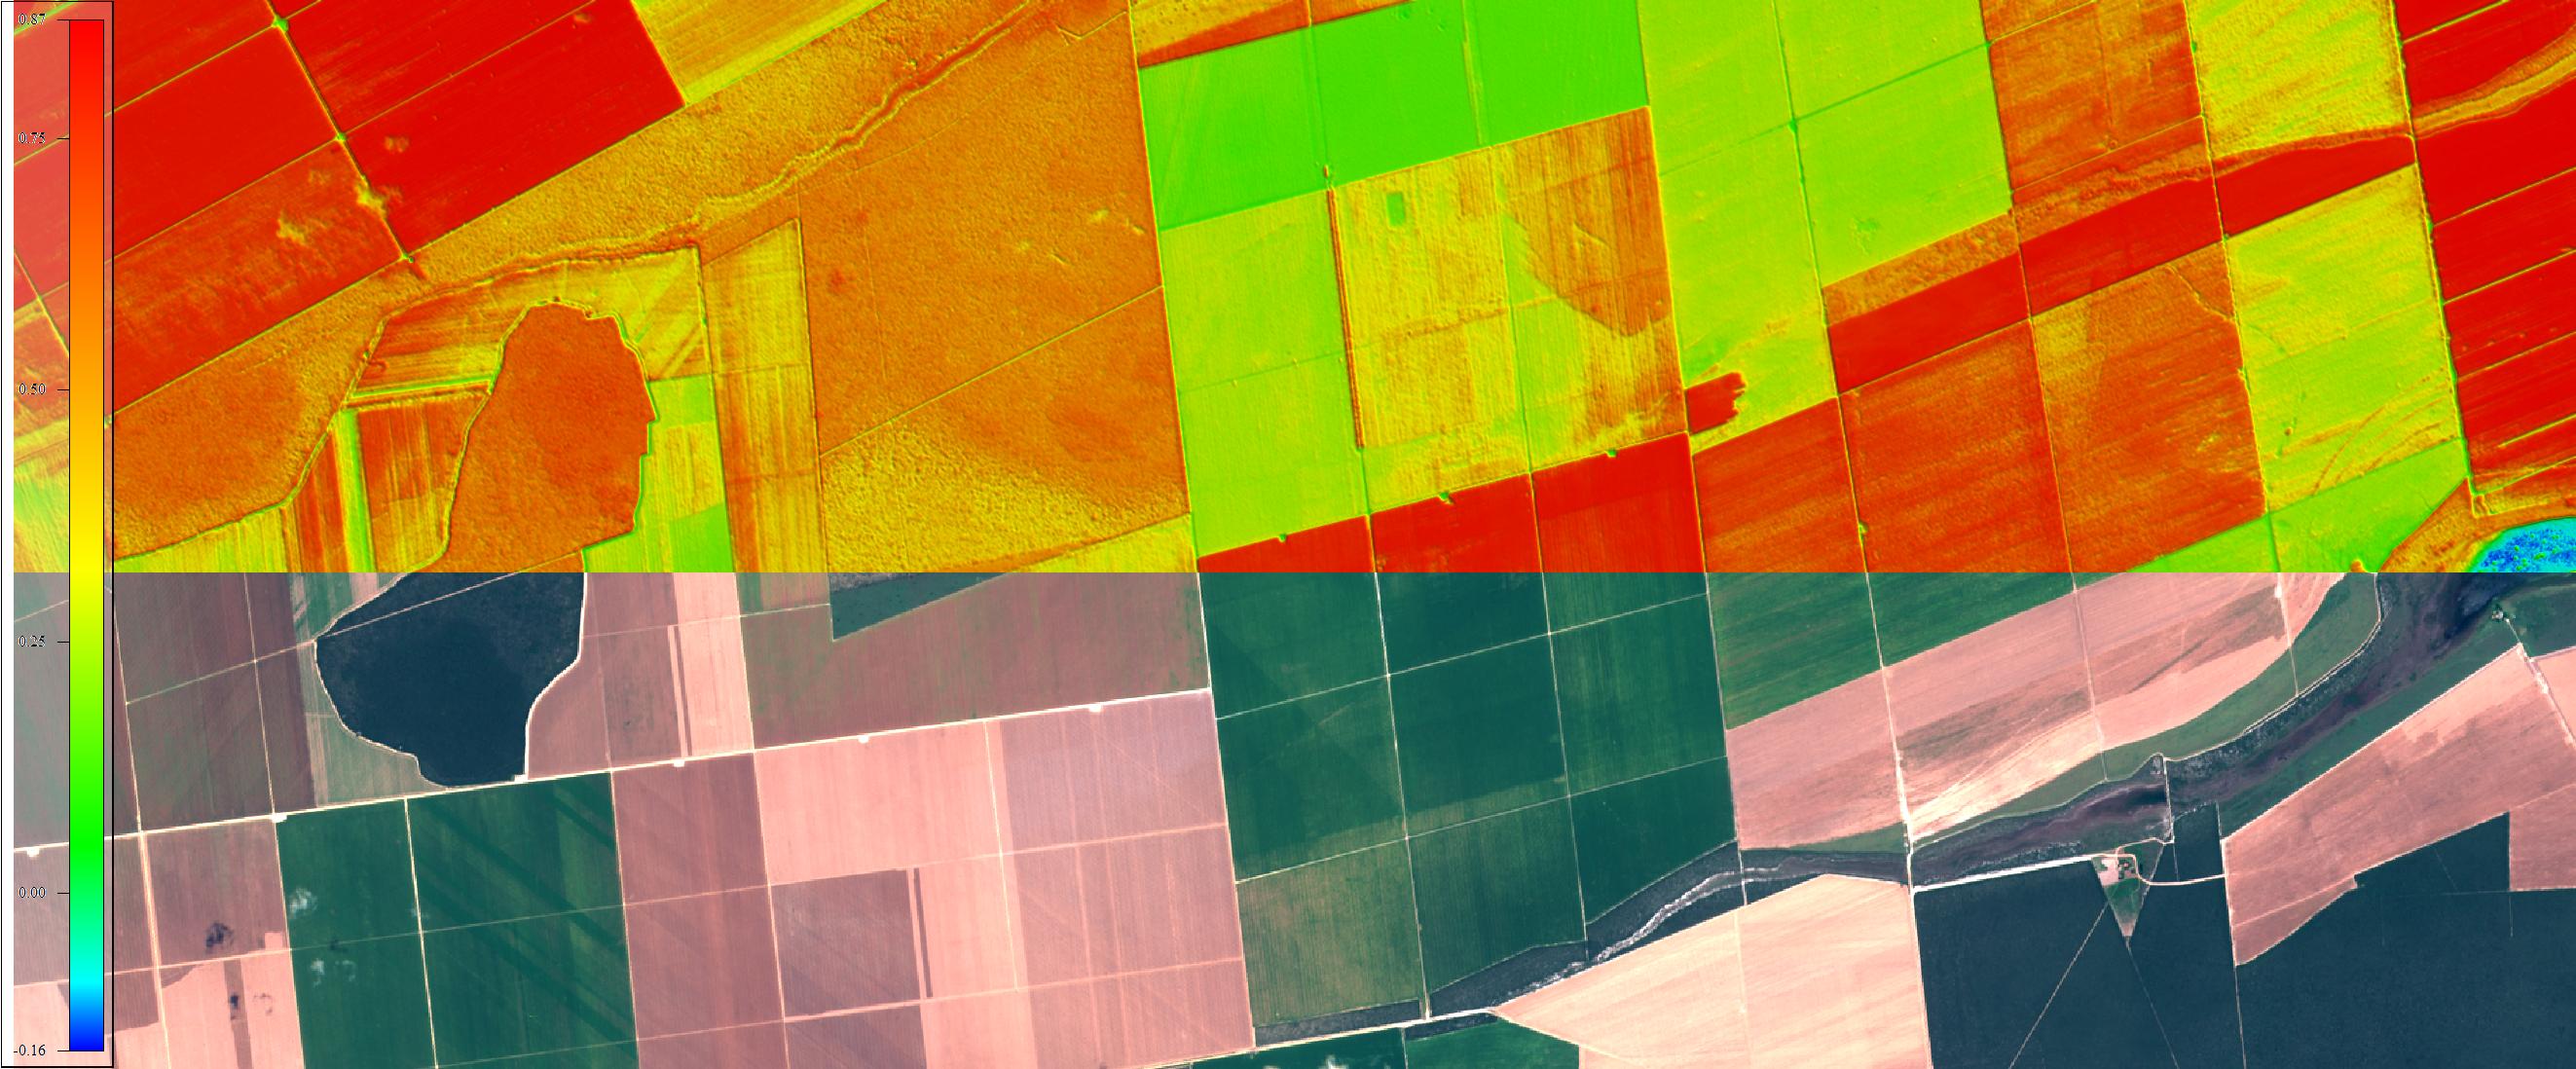 Comparativo Composição cores naturais e NDVI sobre área agrícola imagenada pelo Sentinel-2, 1:50.000